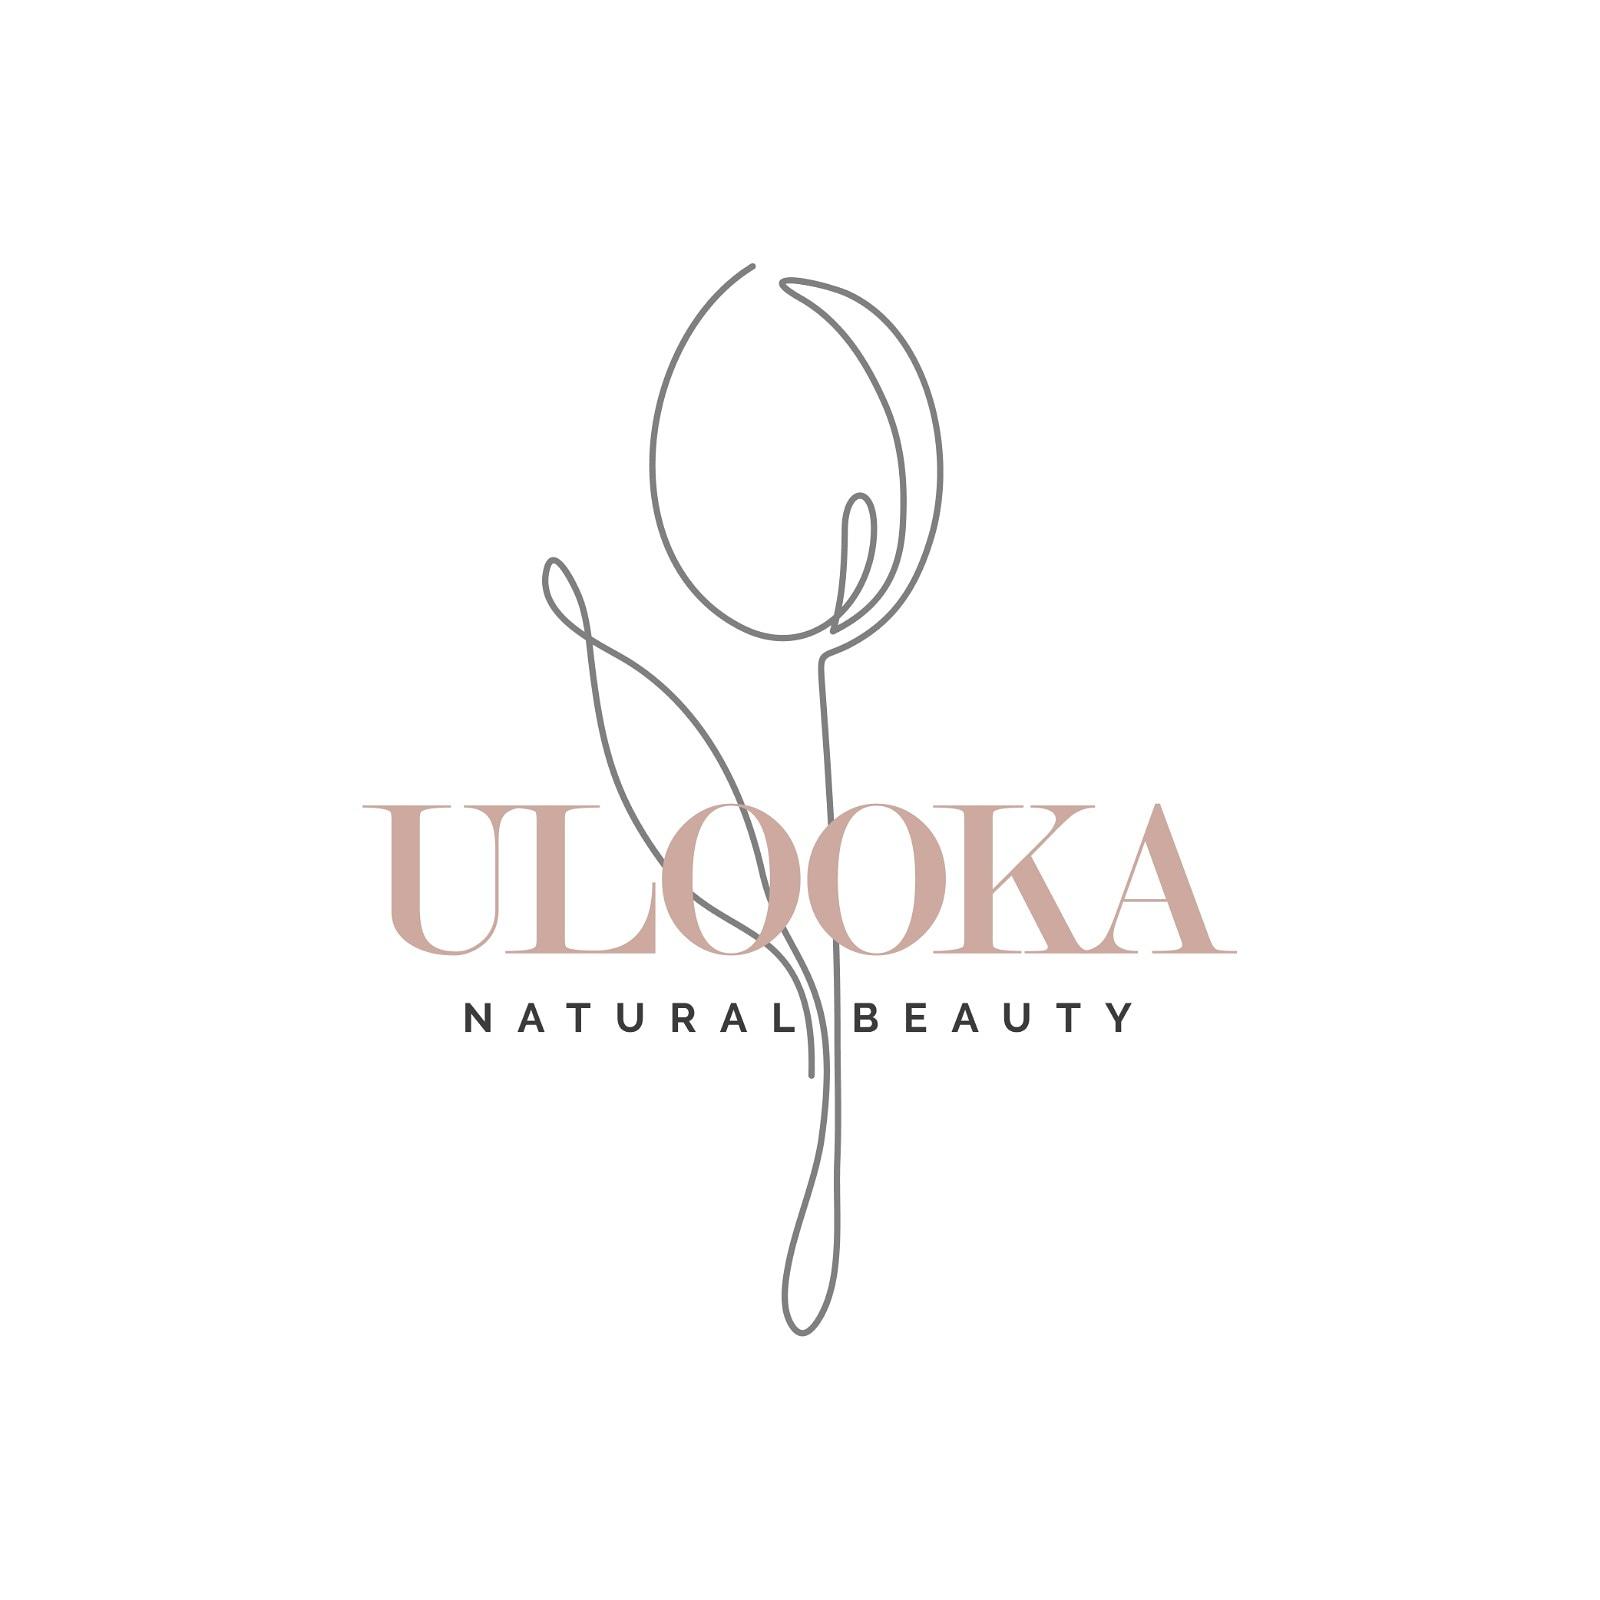 Logo Ulooka